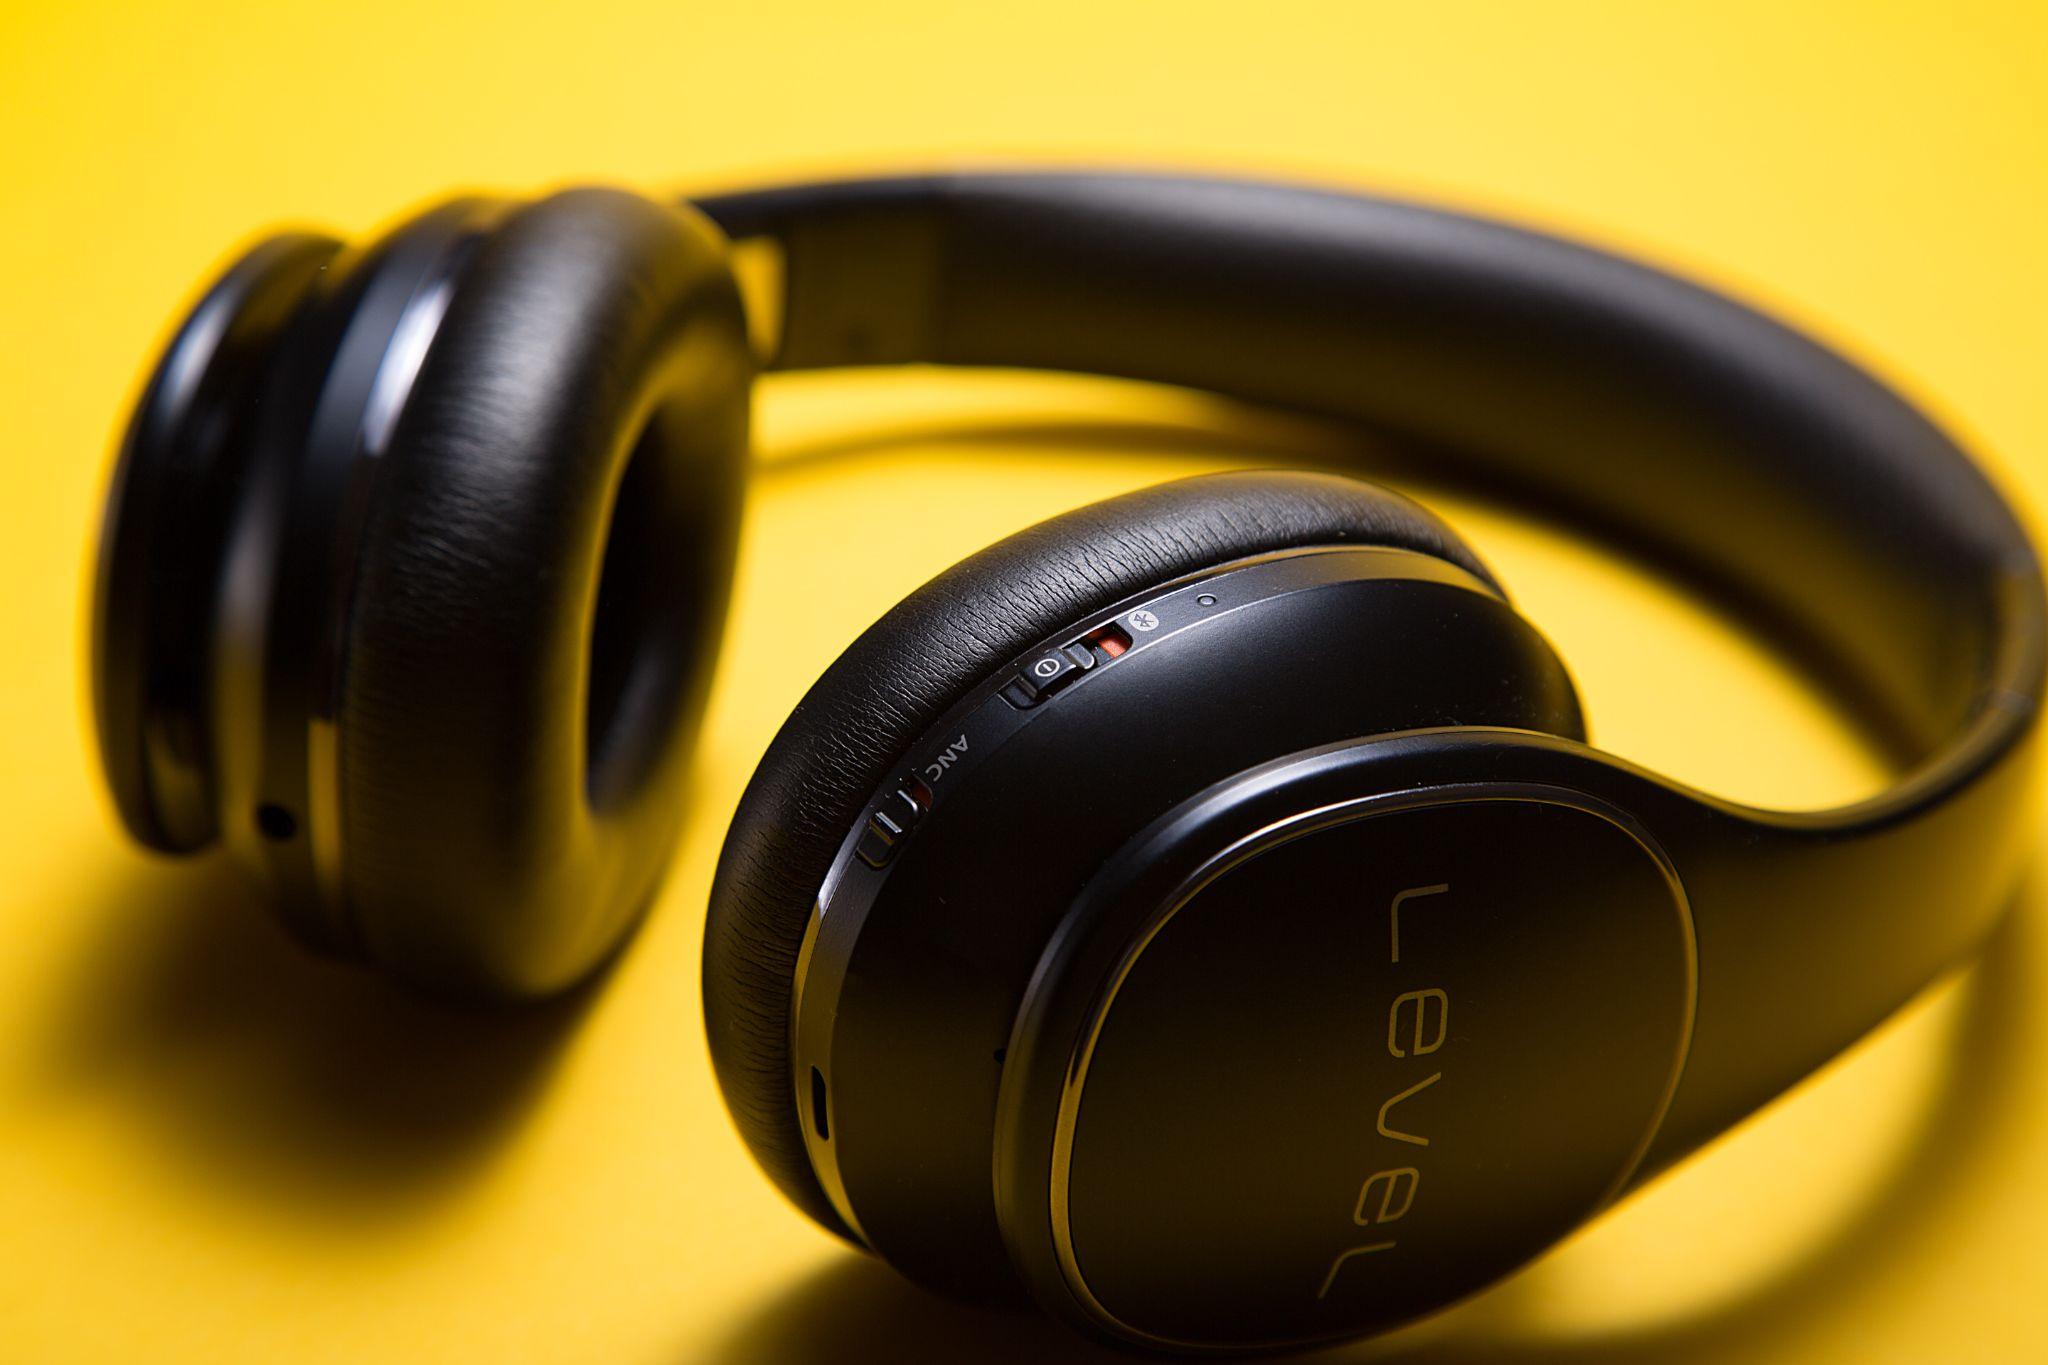 Joint stereo mechanism behind headphones